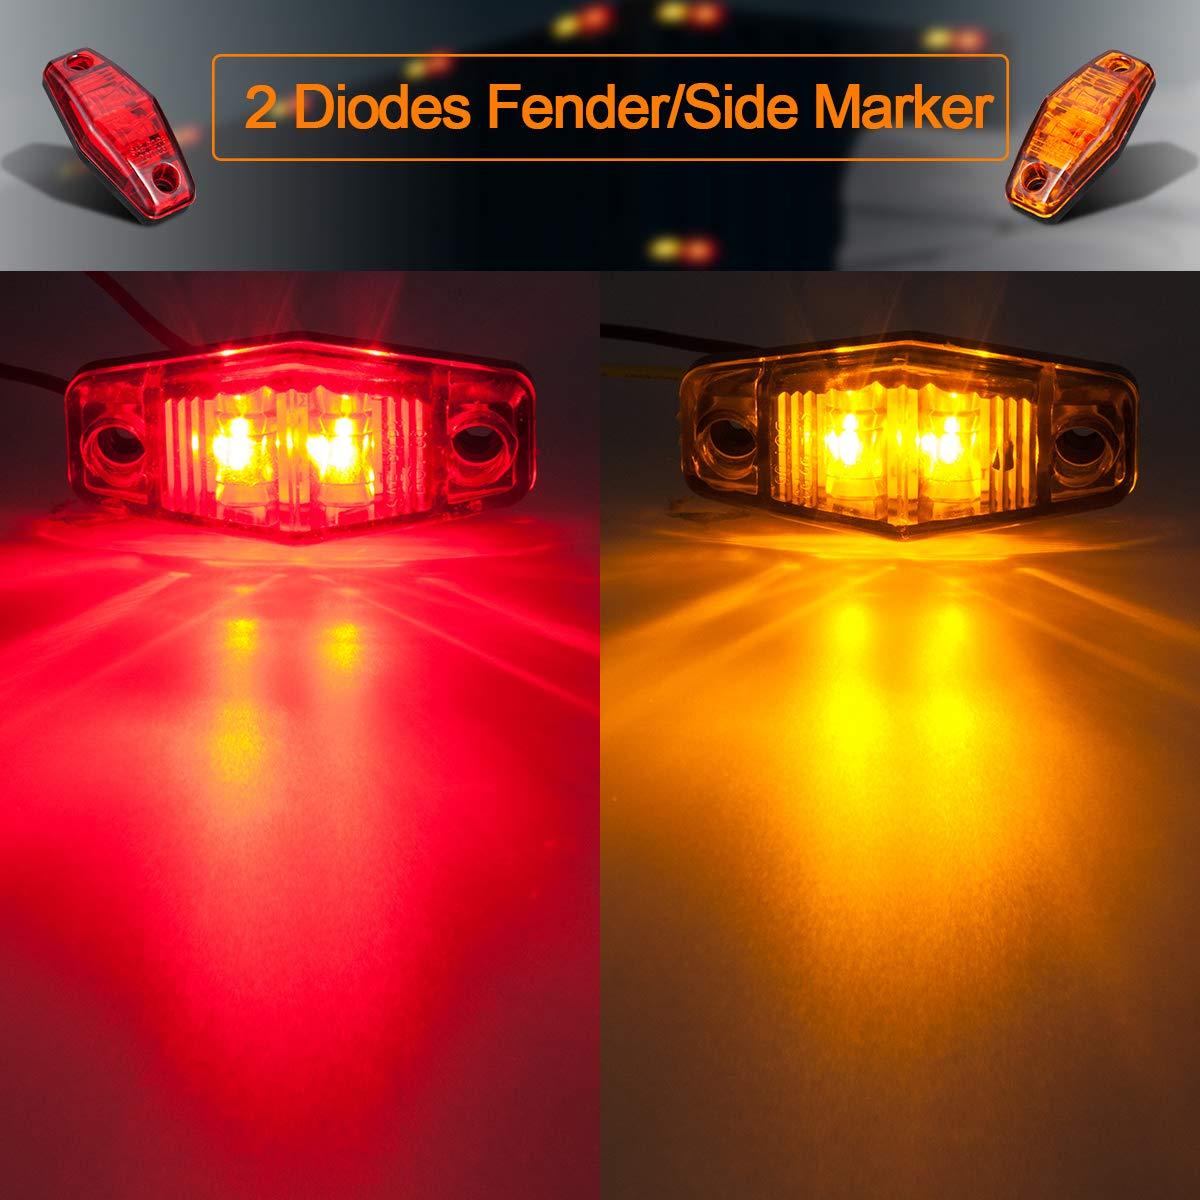 LIMICAR 8PCS LED Side Fender Marker Lights 4 Red 4 Amber Sealed Mini LED Side Marker Identification Lights 2 Wire 2 Diodes Mini-Sealed LED Surface Mount Design Truck Trailer Camper Lights